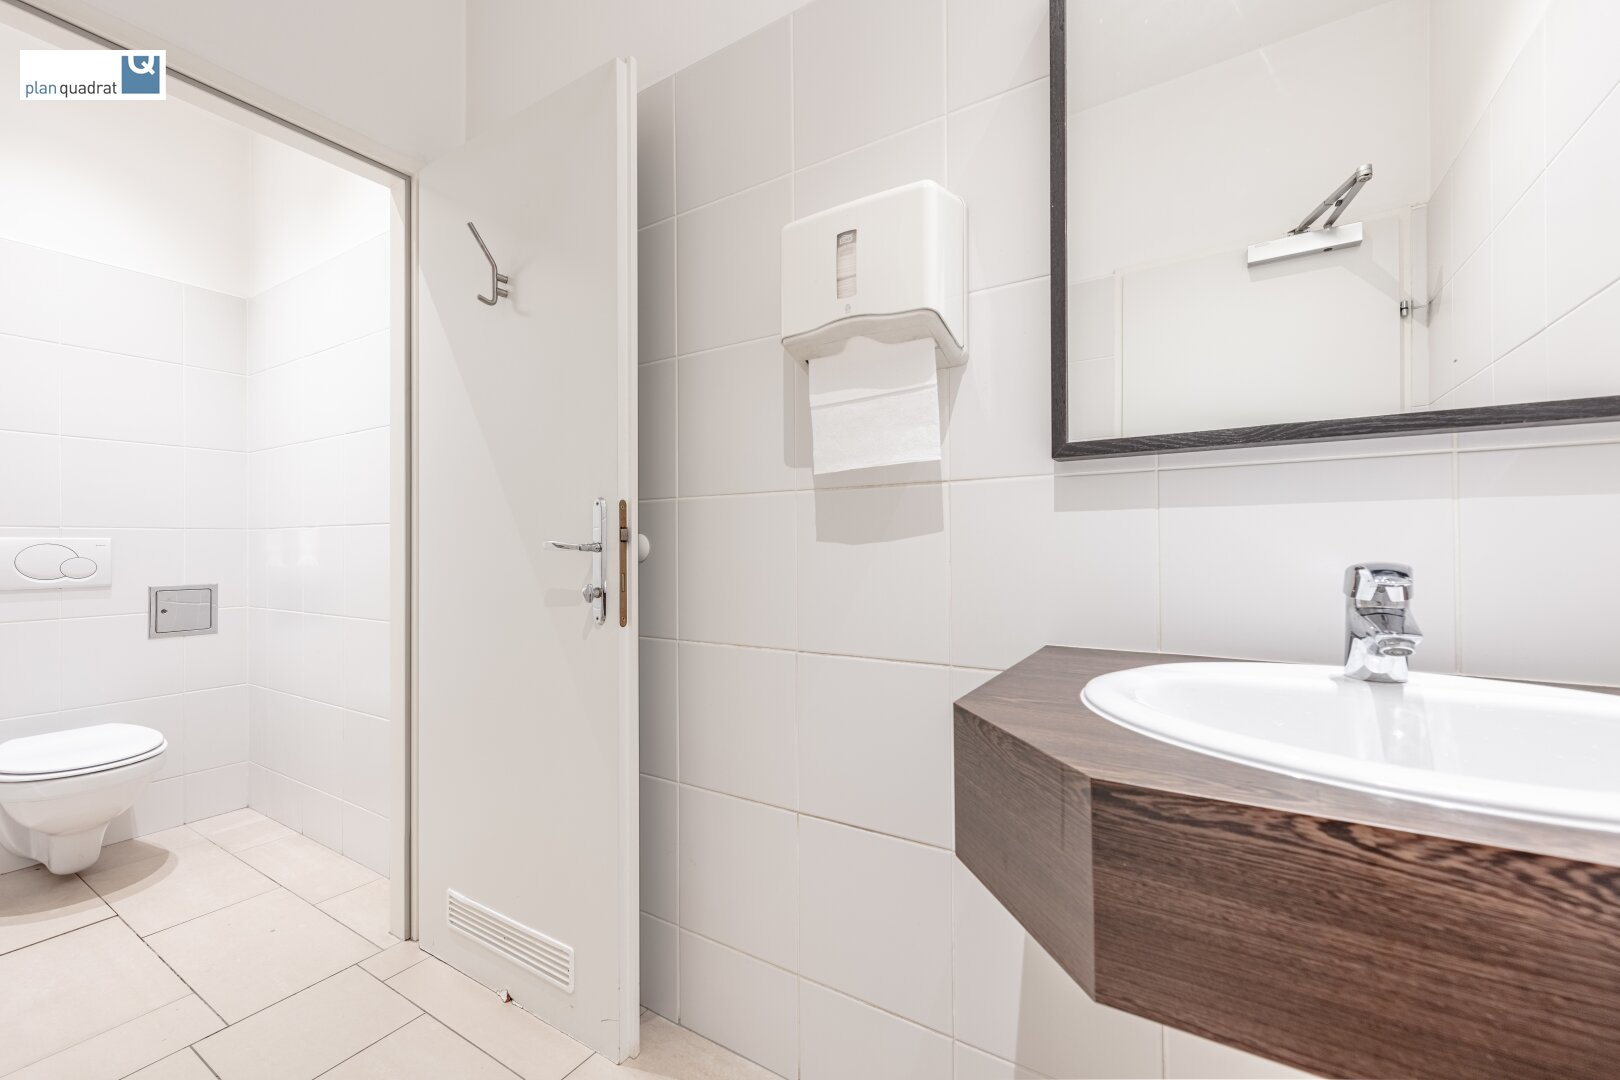 Waschraum / Damentoilette (ca. 4,60 m²)